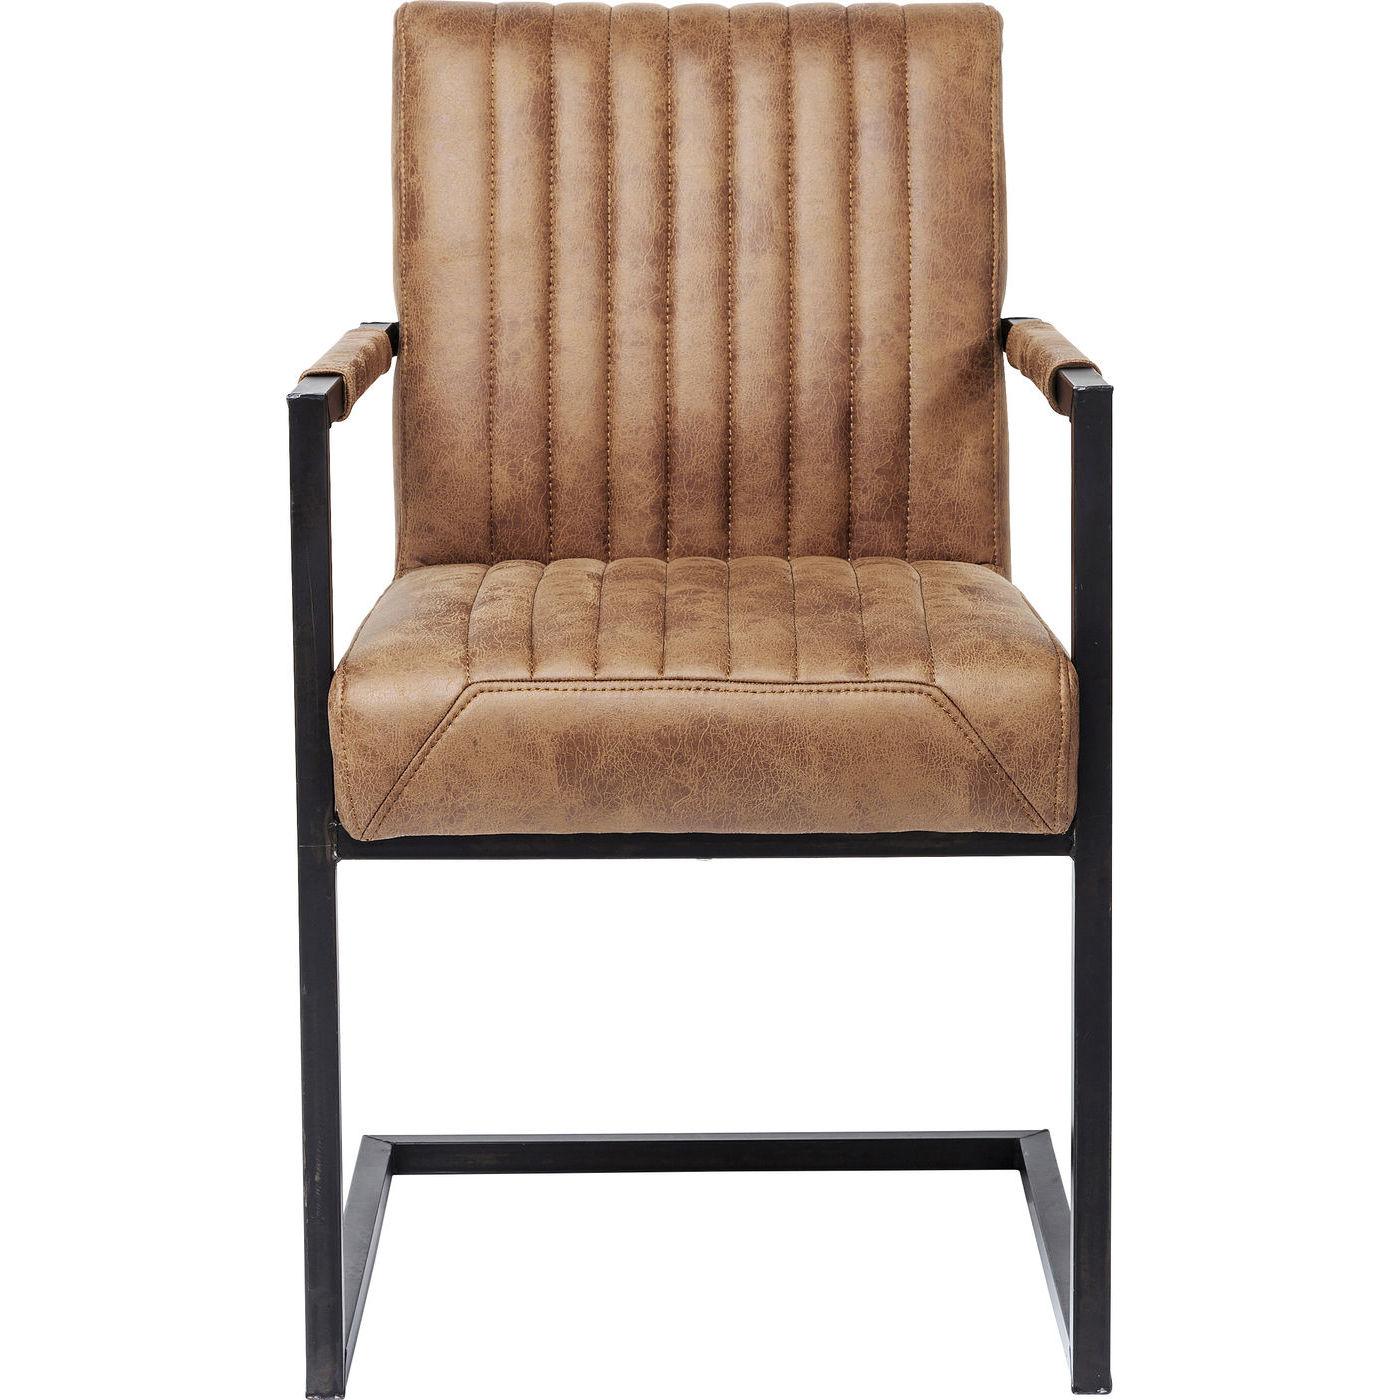 Image of   KARE DESIGN Cantilever Spisebordsstol med armlæn, Liberty